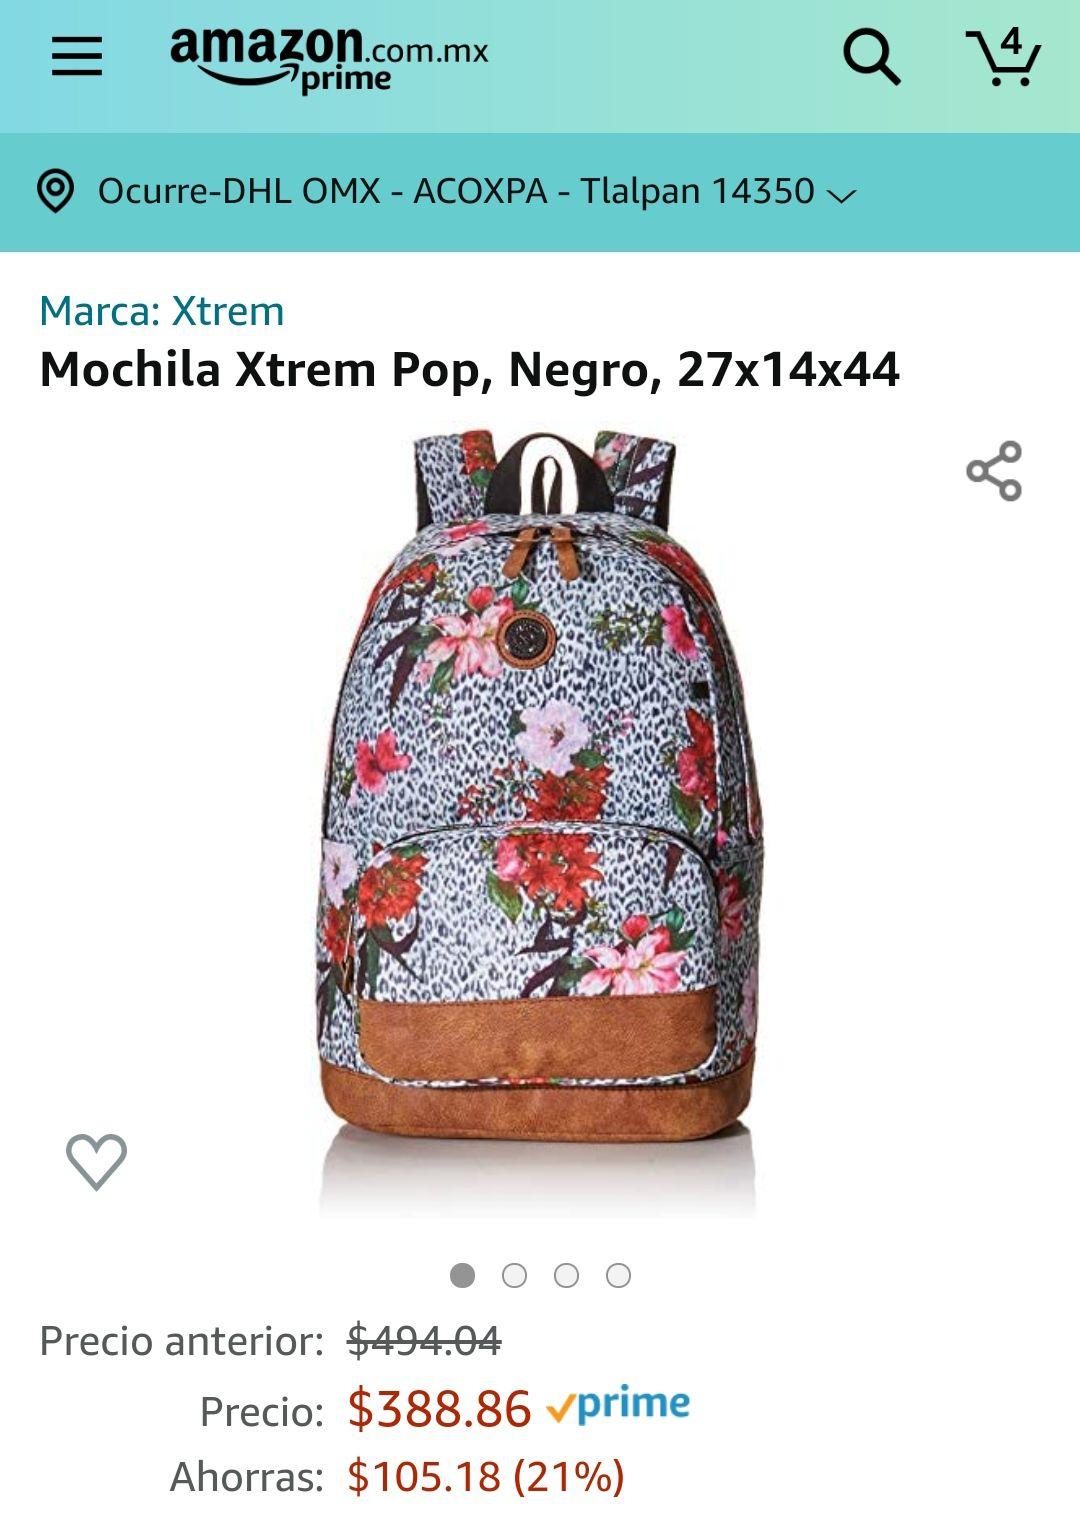 Amazon: Mochila Xtrem Pop, Negro, 27x14x44